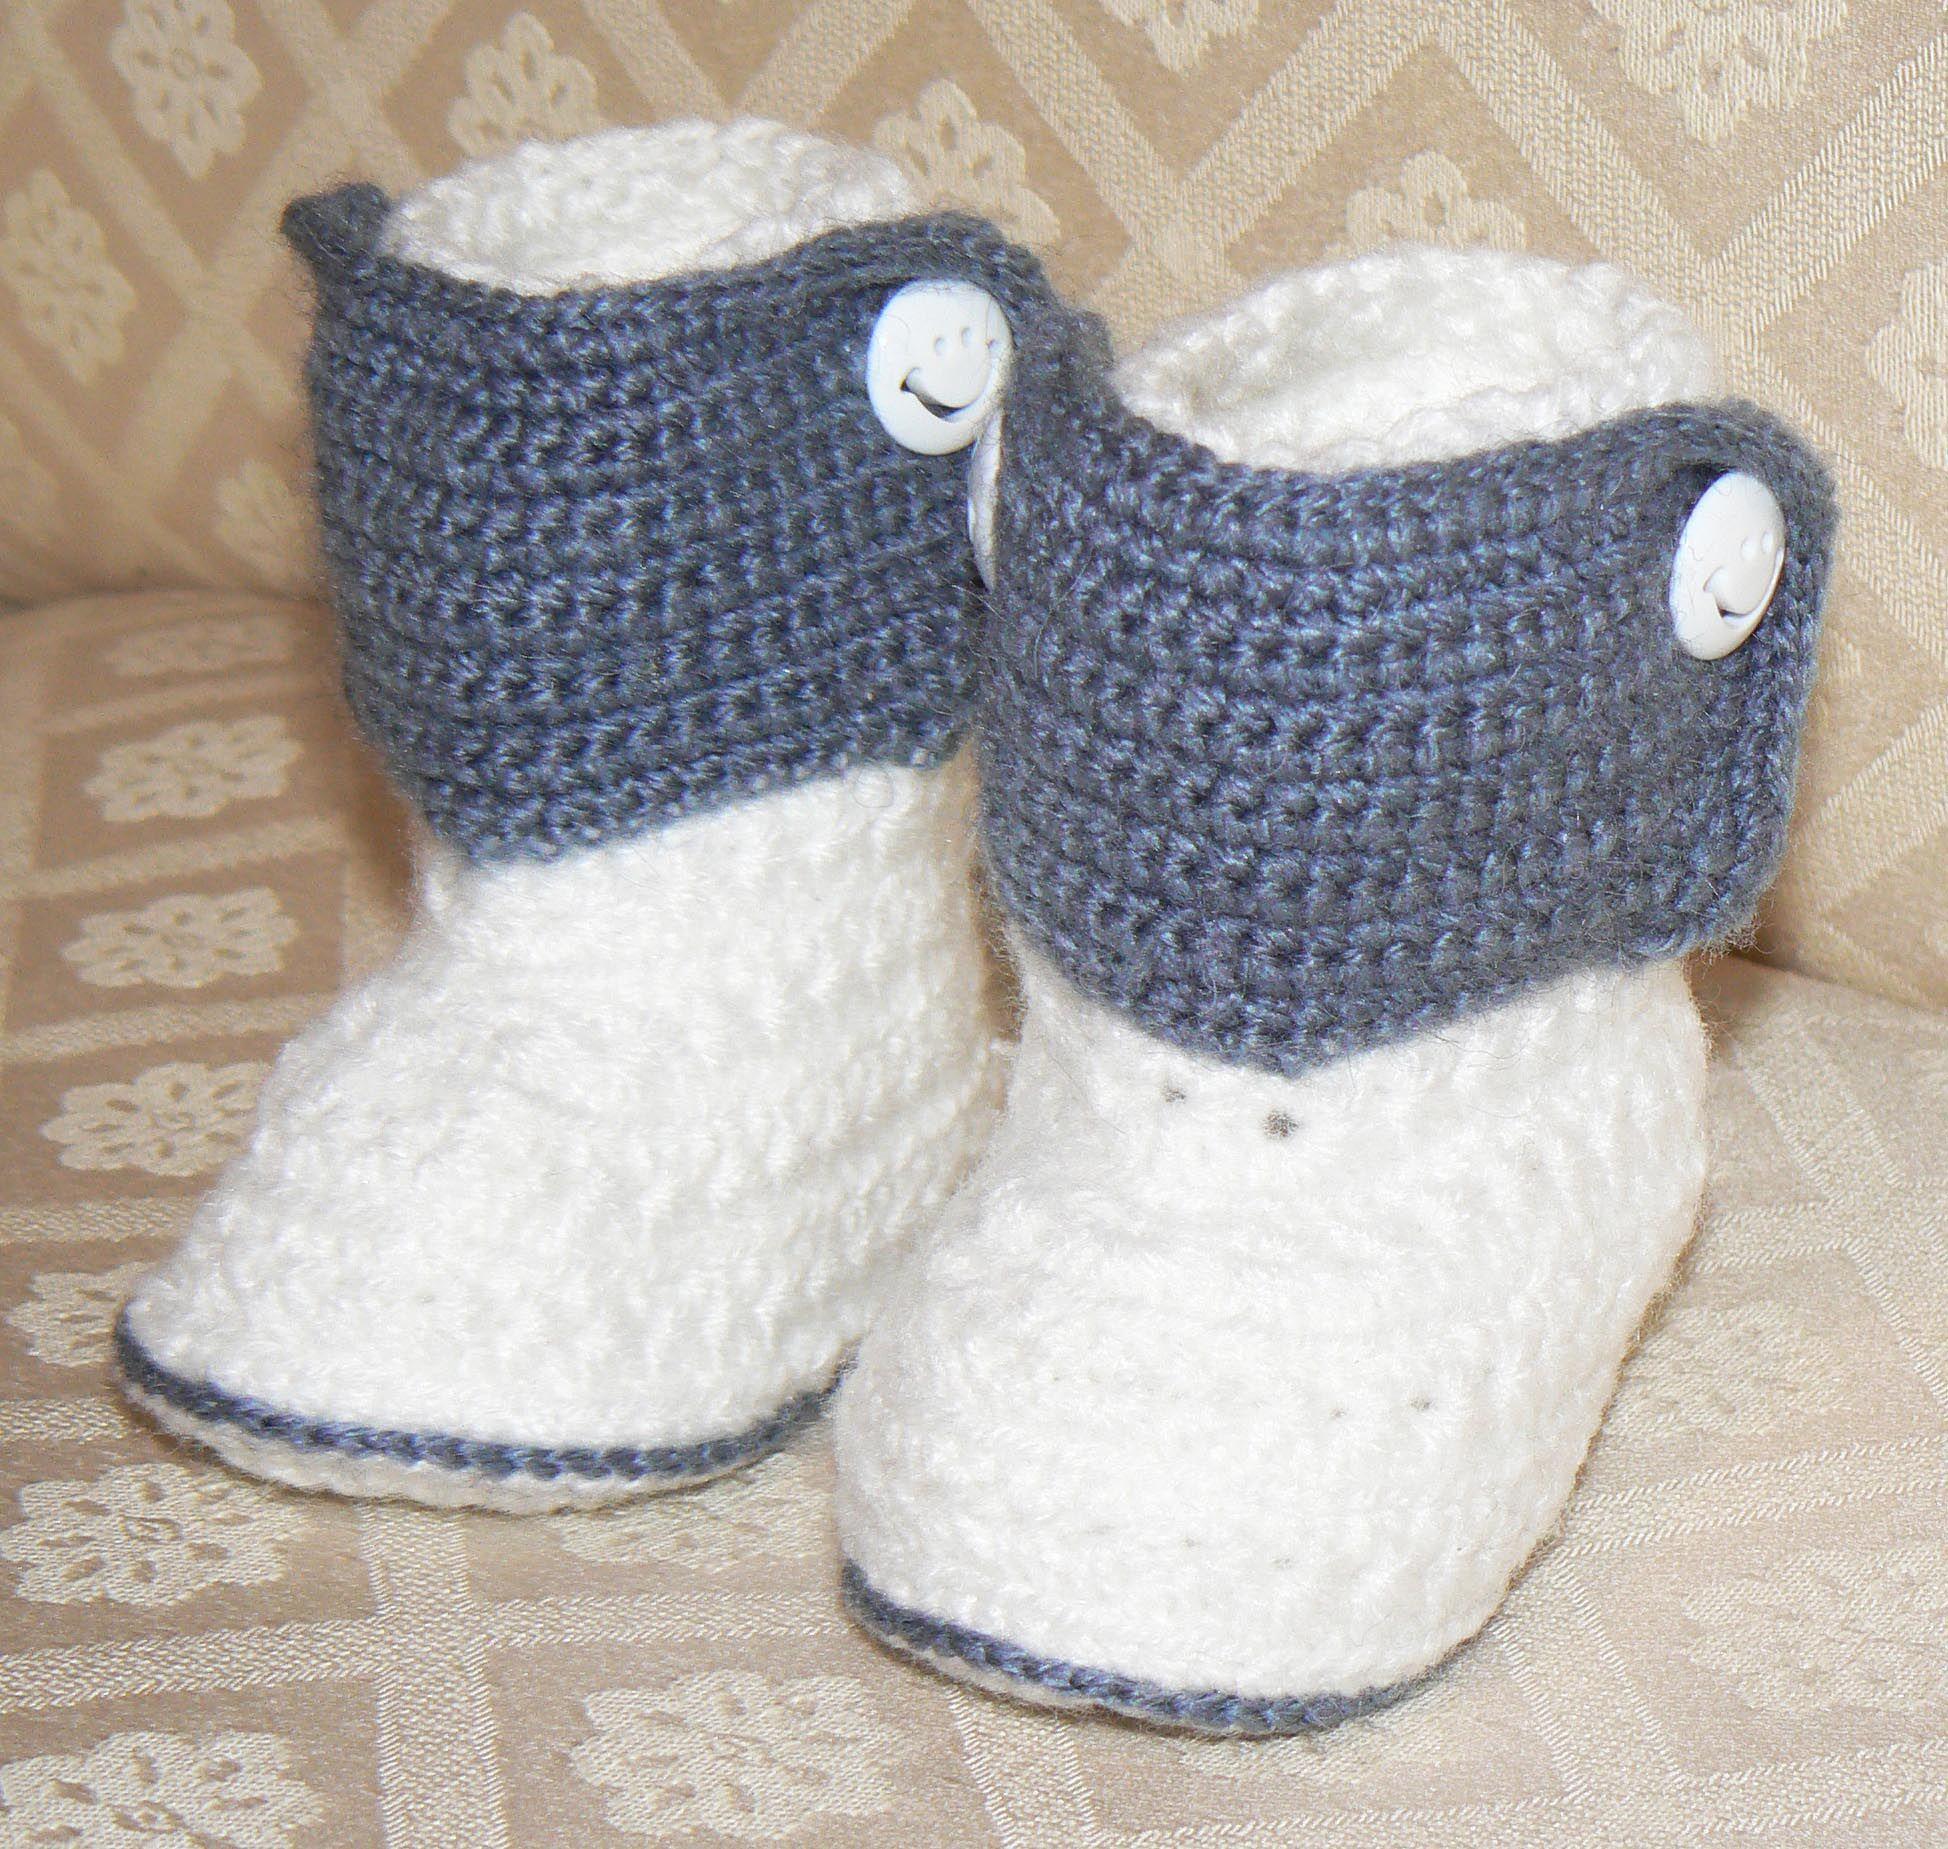 Botitas en crochet para bebe | Crochet - Zapaticos | Pinterest ...